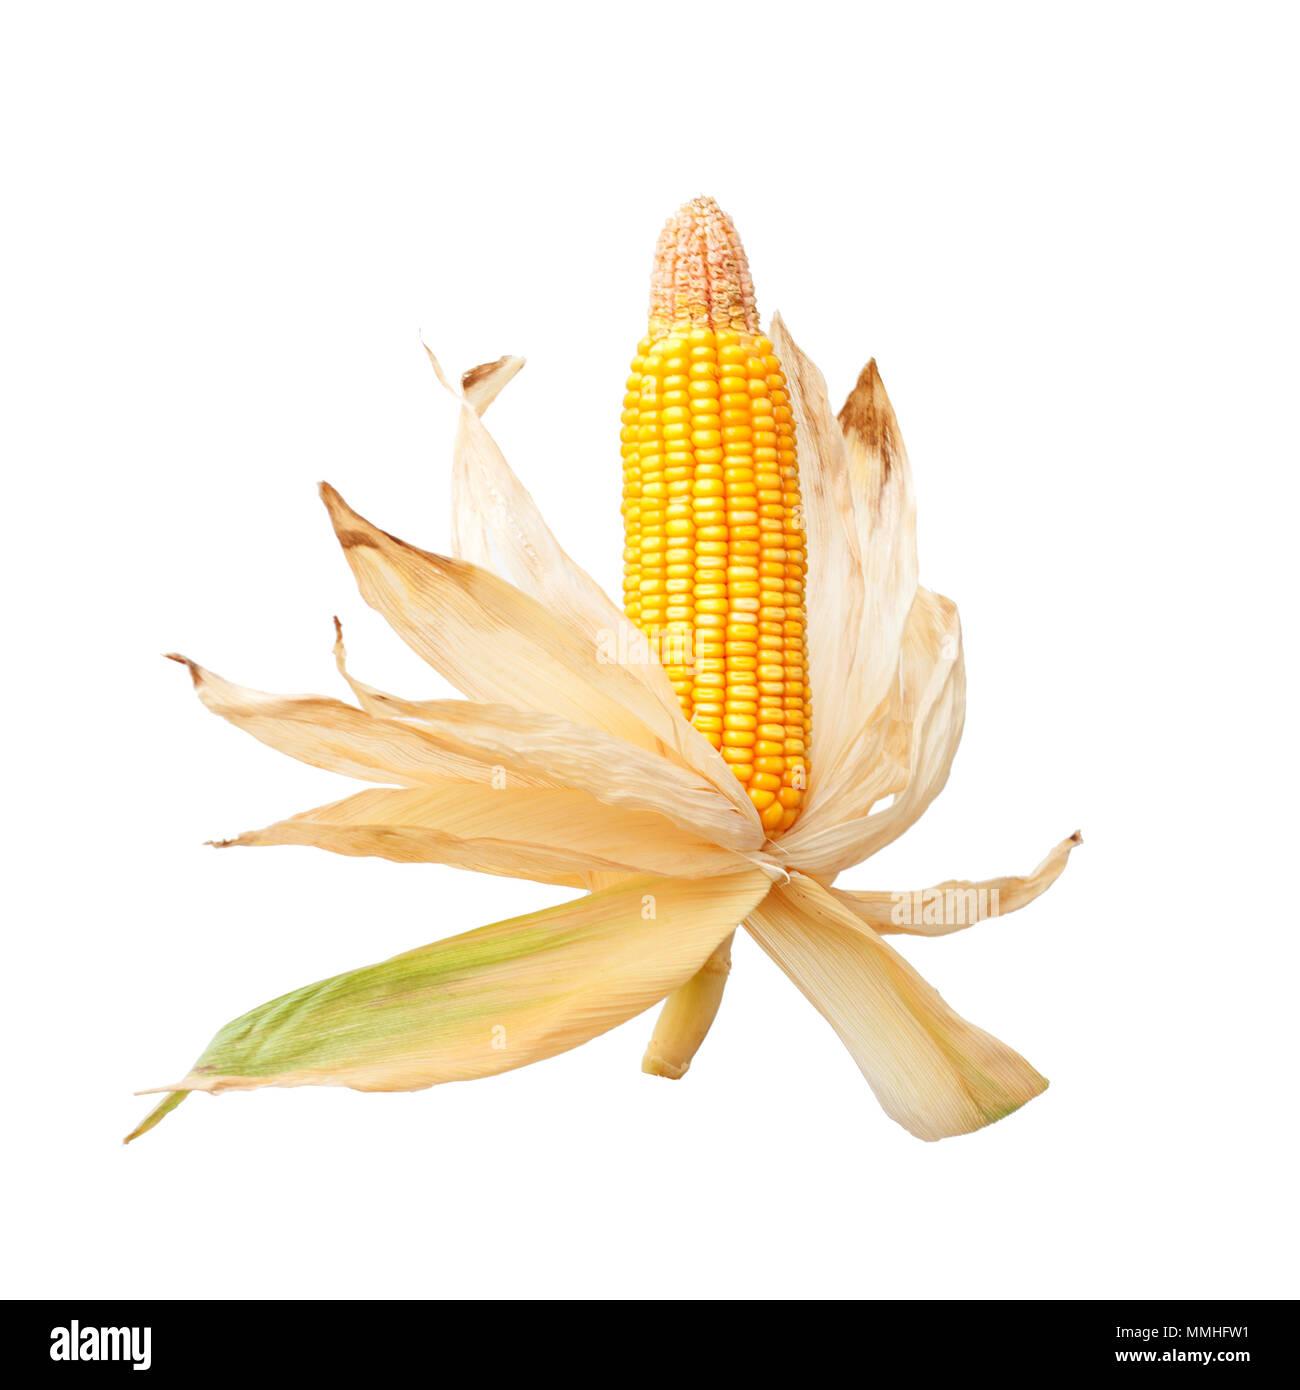 Corn cob isolated on white background - Stock Image